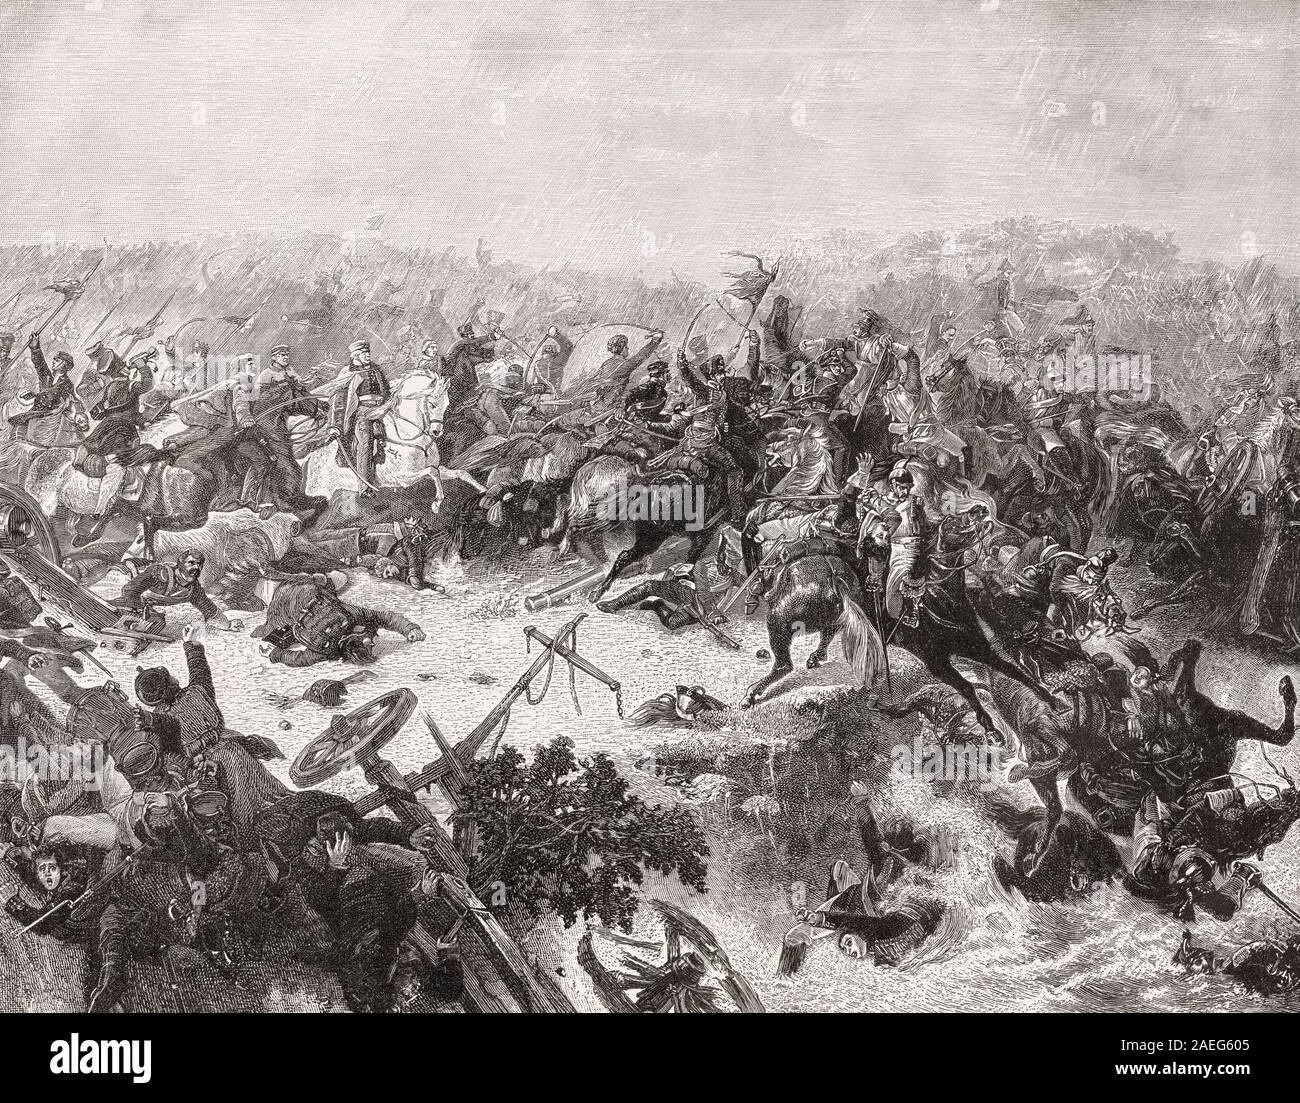 General Gebhard Leberecht von Blücher, Batalla del Katzbach, 26 de agosto de 1813, las guerras napoleónicas Foto de stock